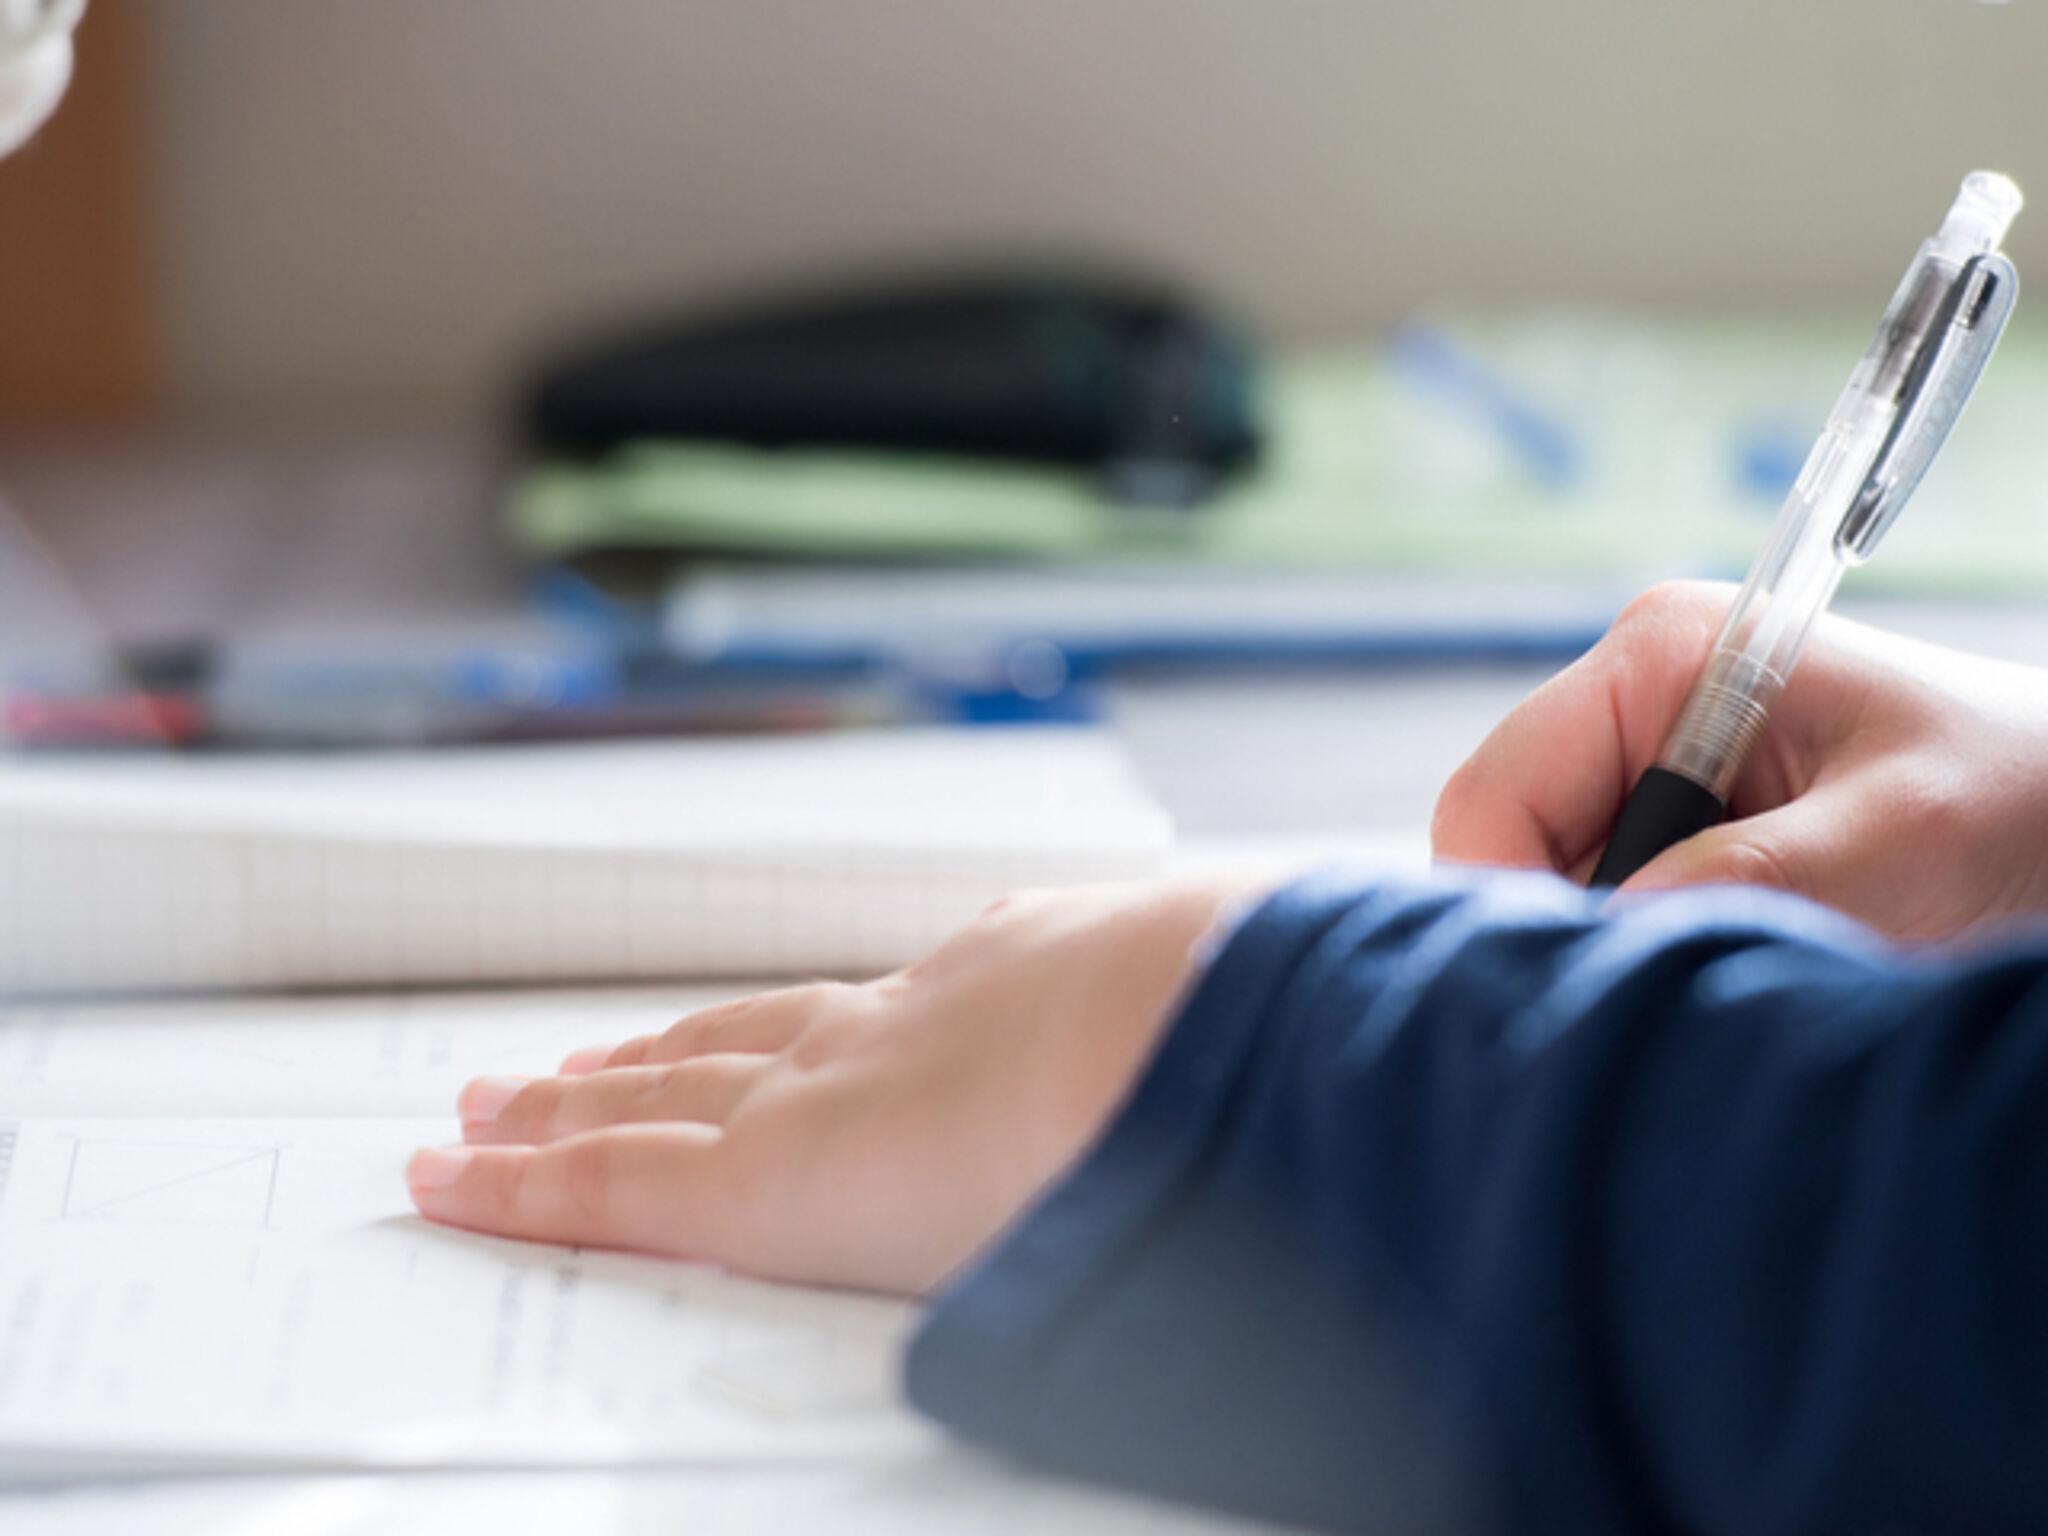 塾で勉強している生徒の画像